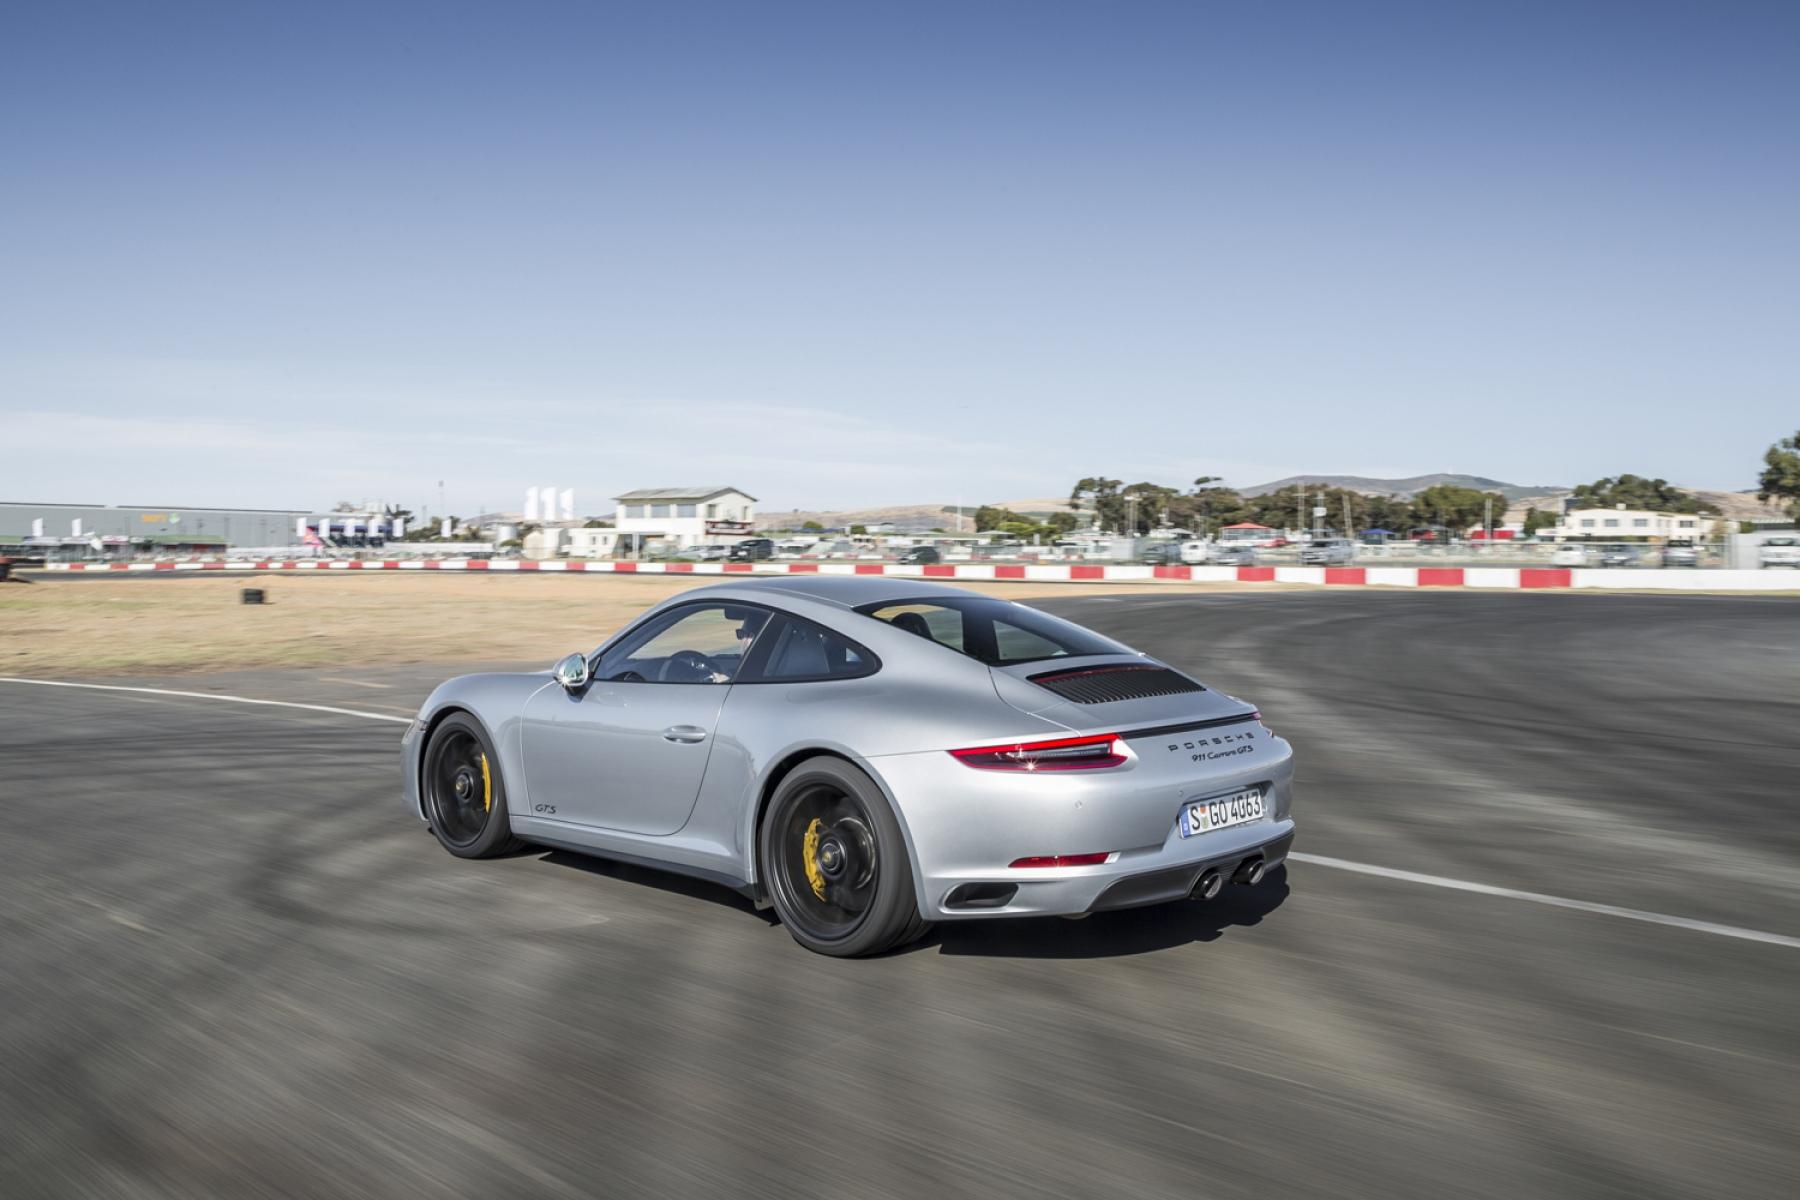 porsche 911 carrera gts coupé rhodium silver metallic - the new